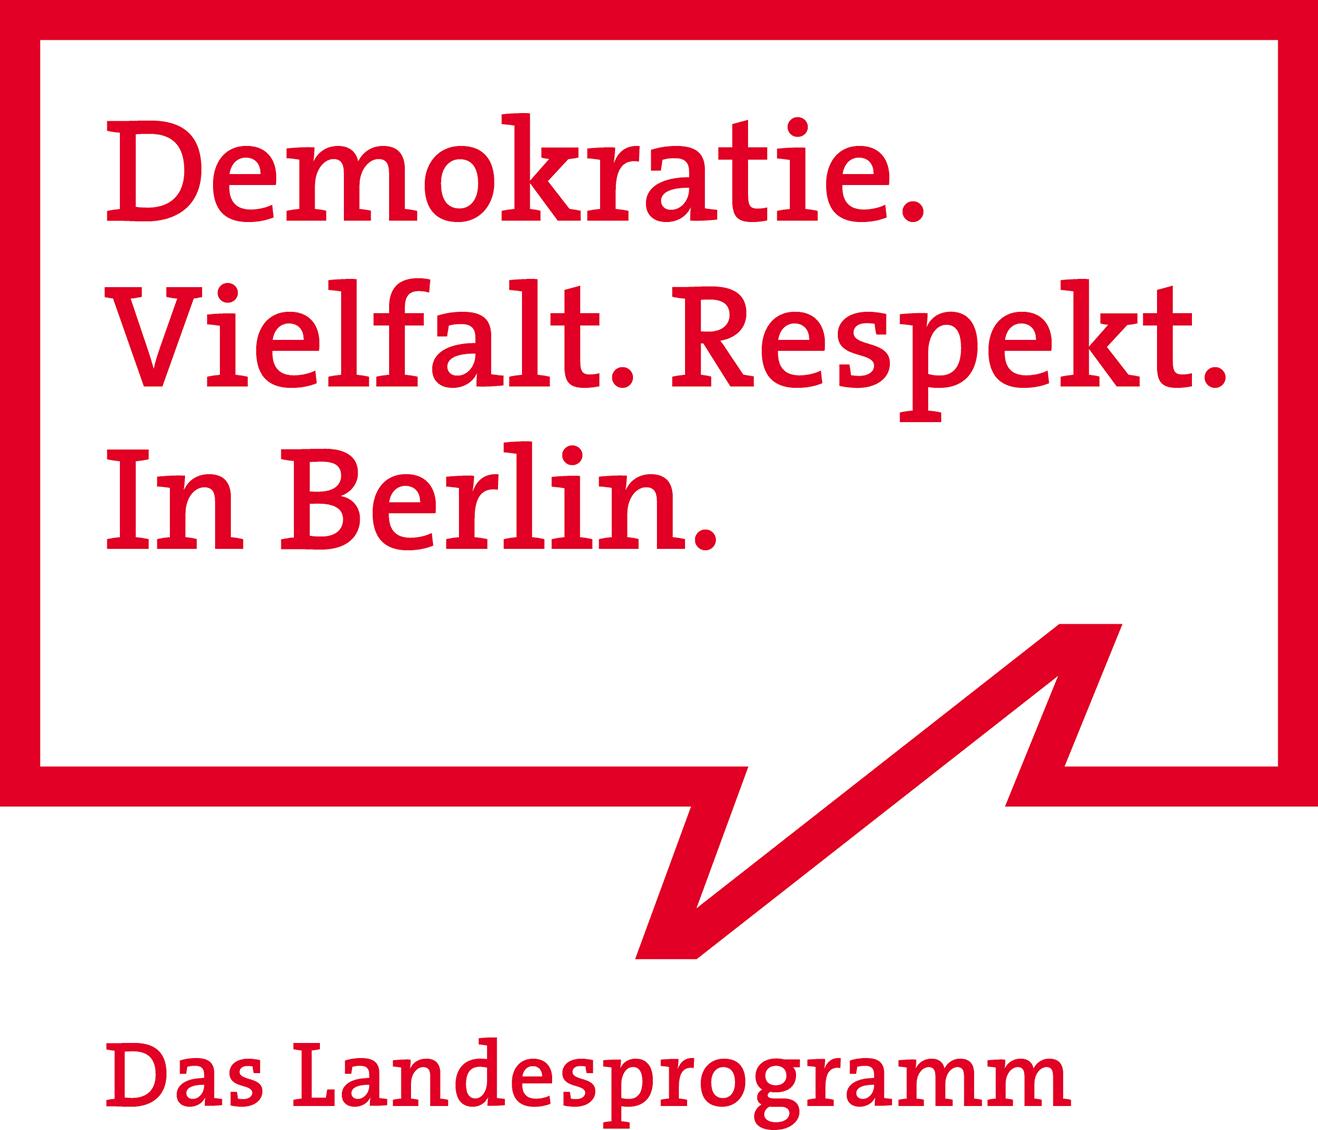 Logo Demokratie. Vielfalt. Respekt. In Berlin. Das Landesprogramm